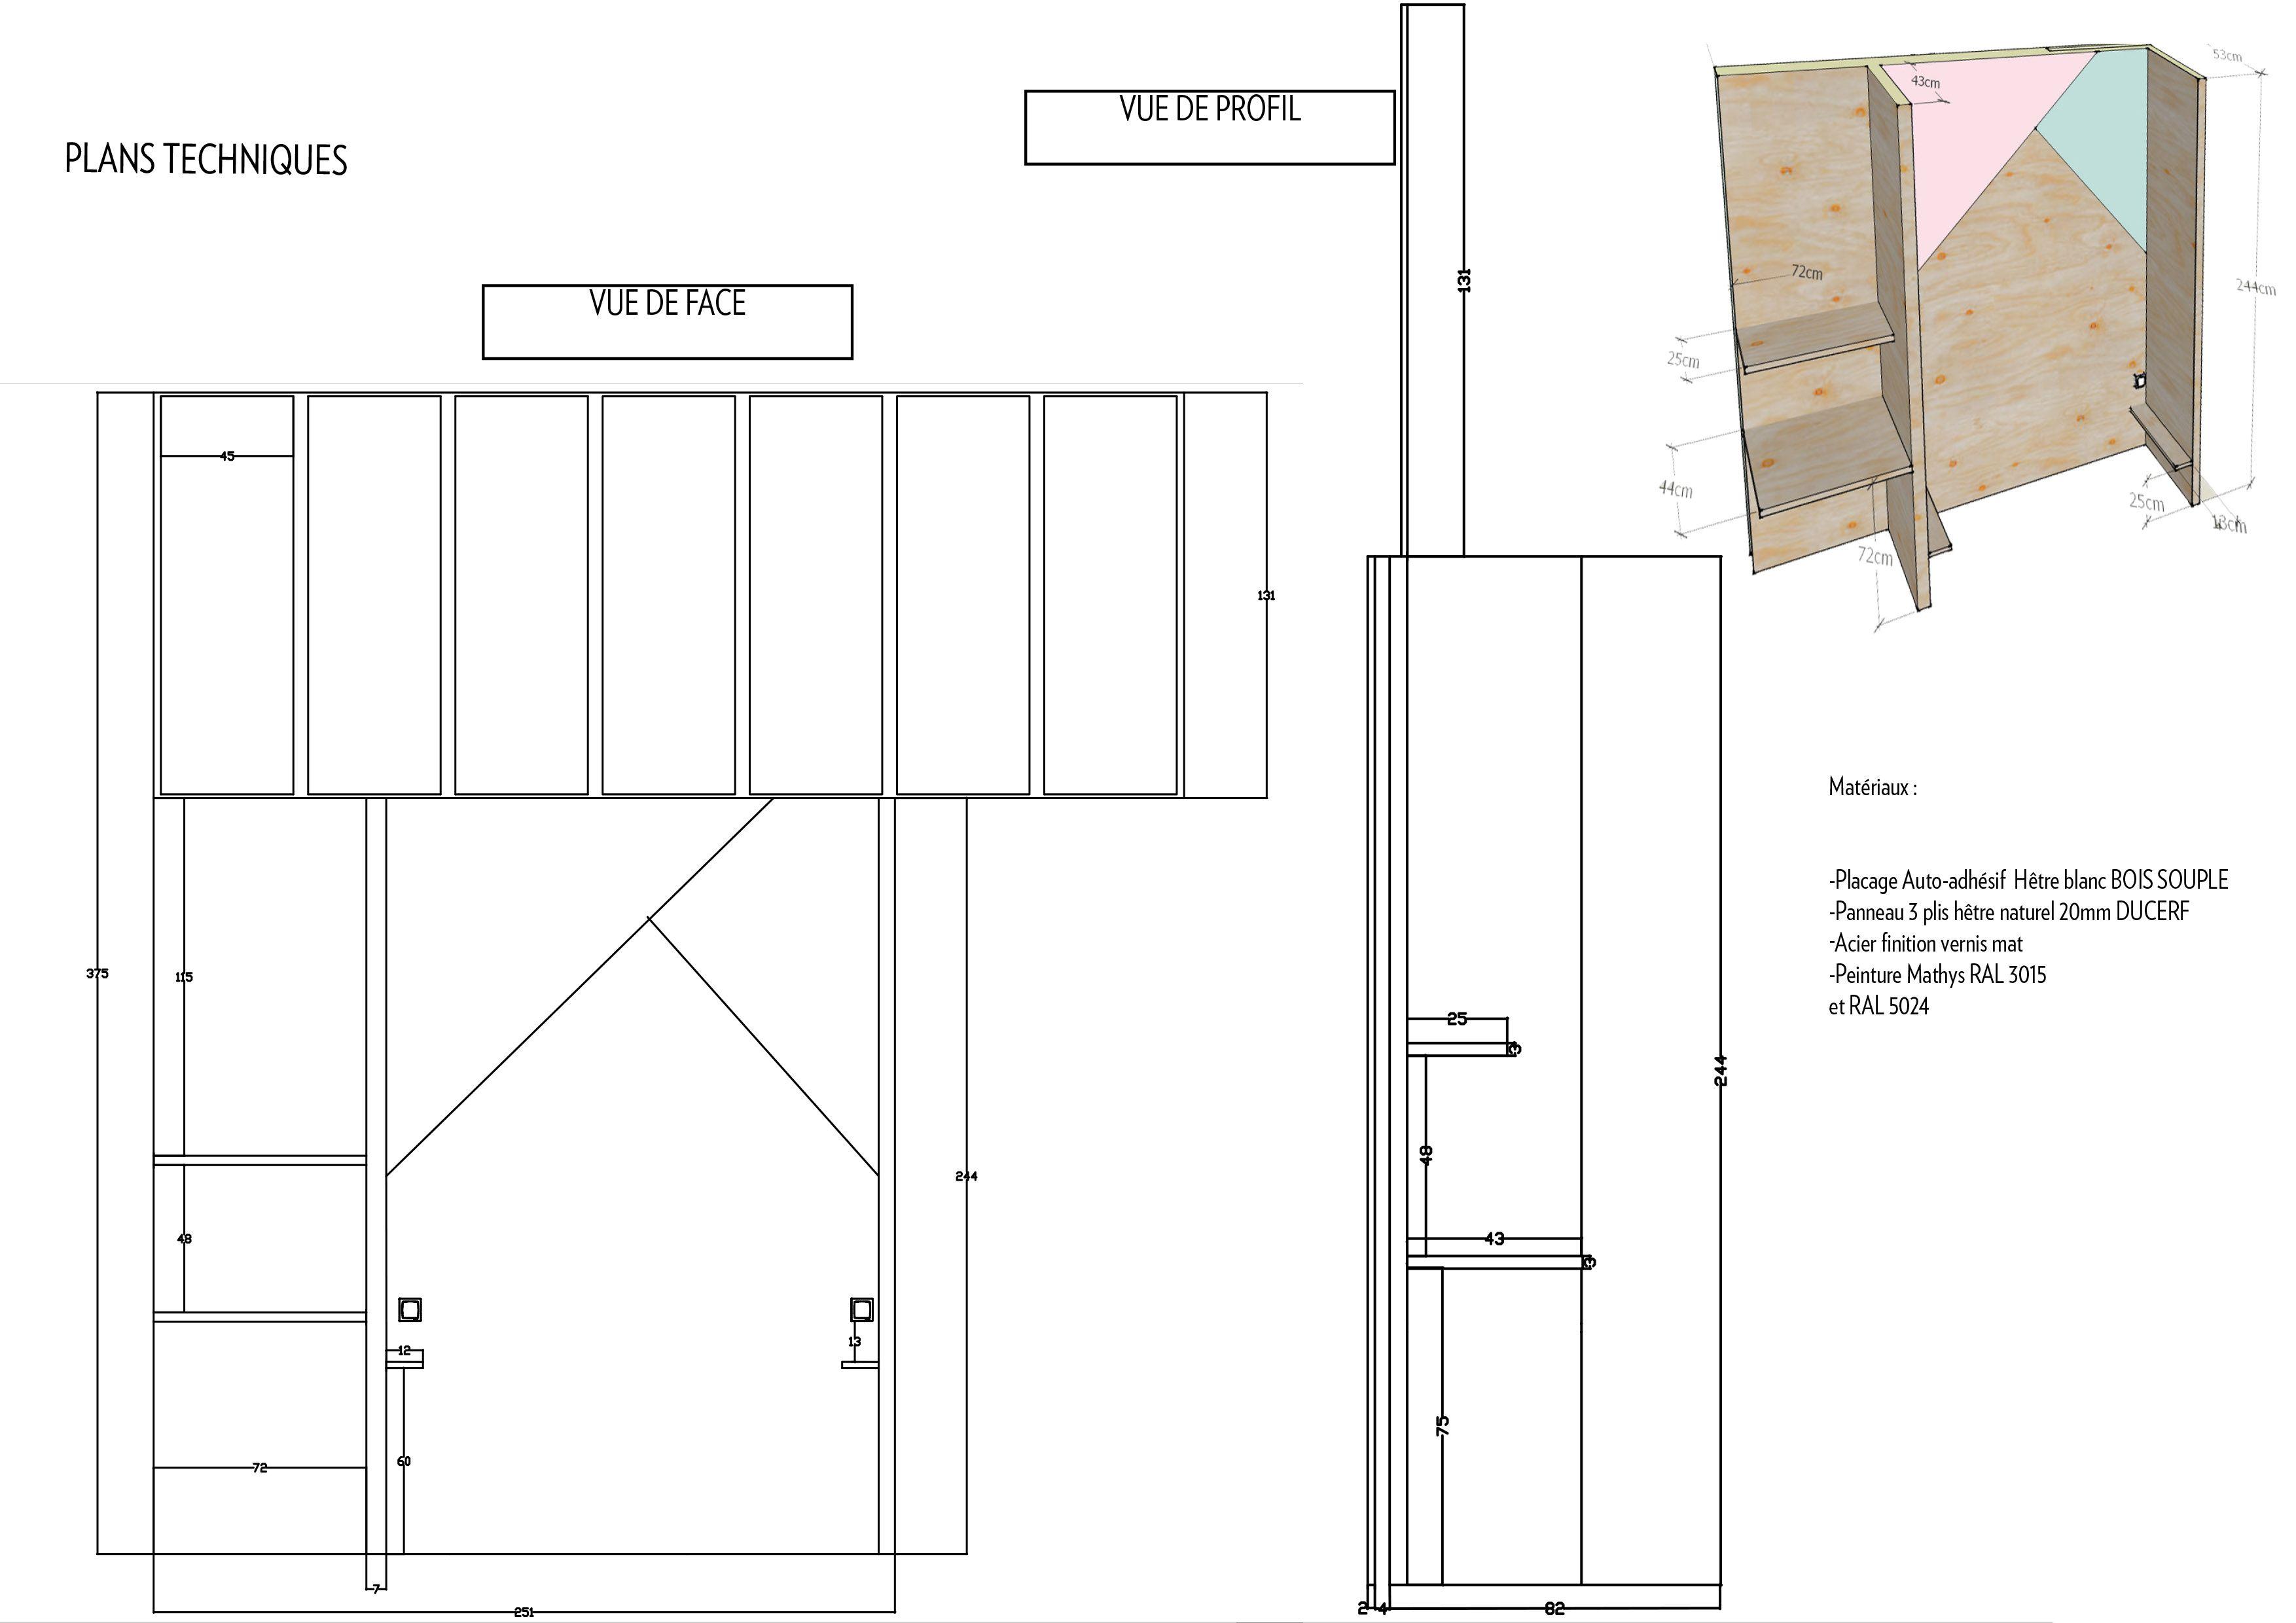 Salle De Bain Dans Chambre Plan ~ plan technique cloison avec verri re chambre salle de bain coiffeuse